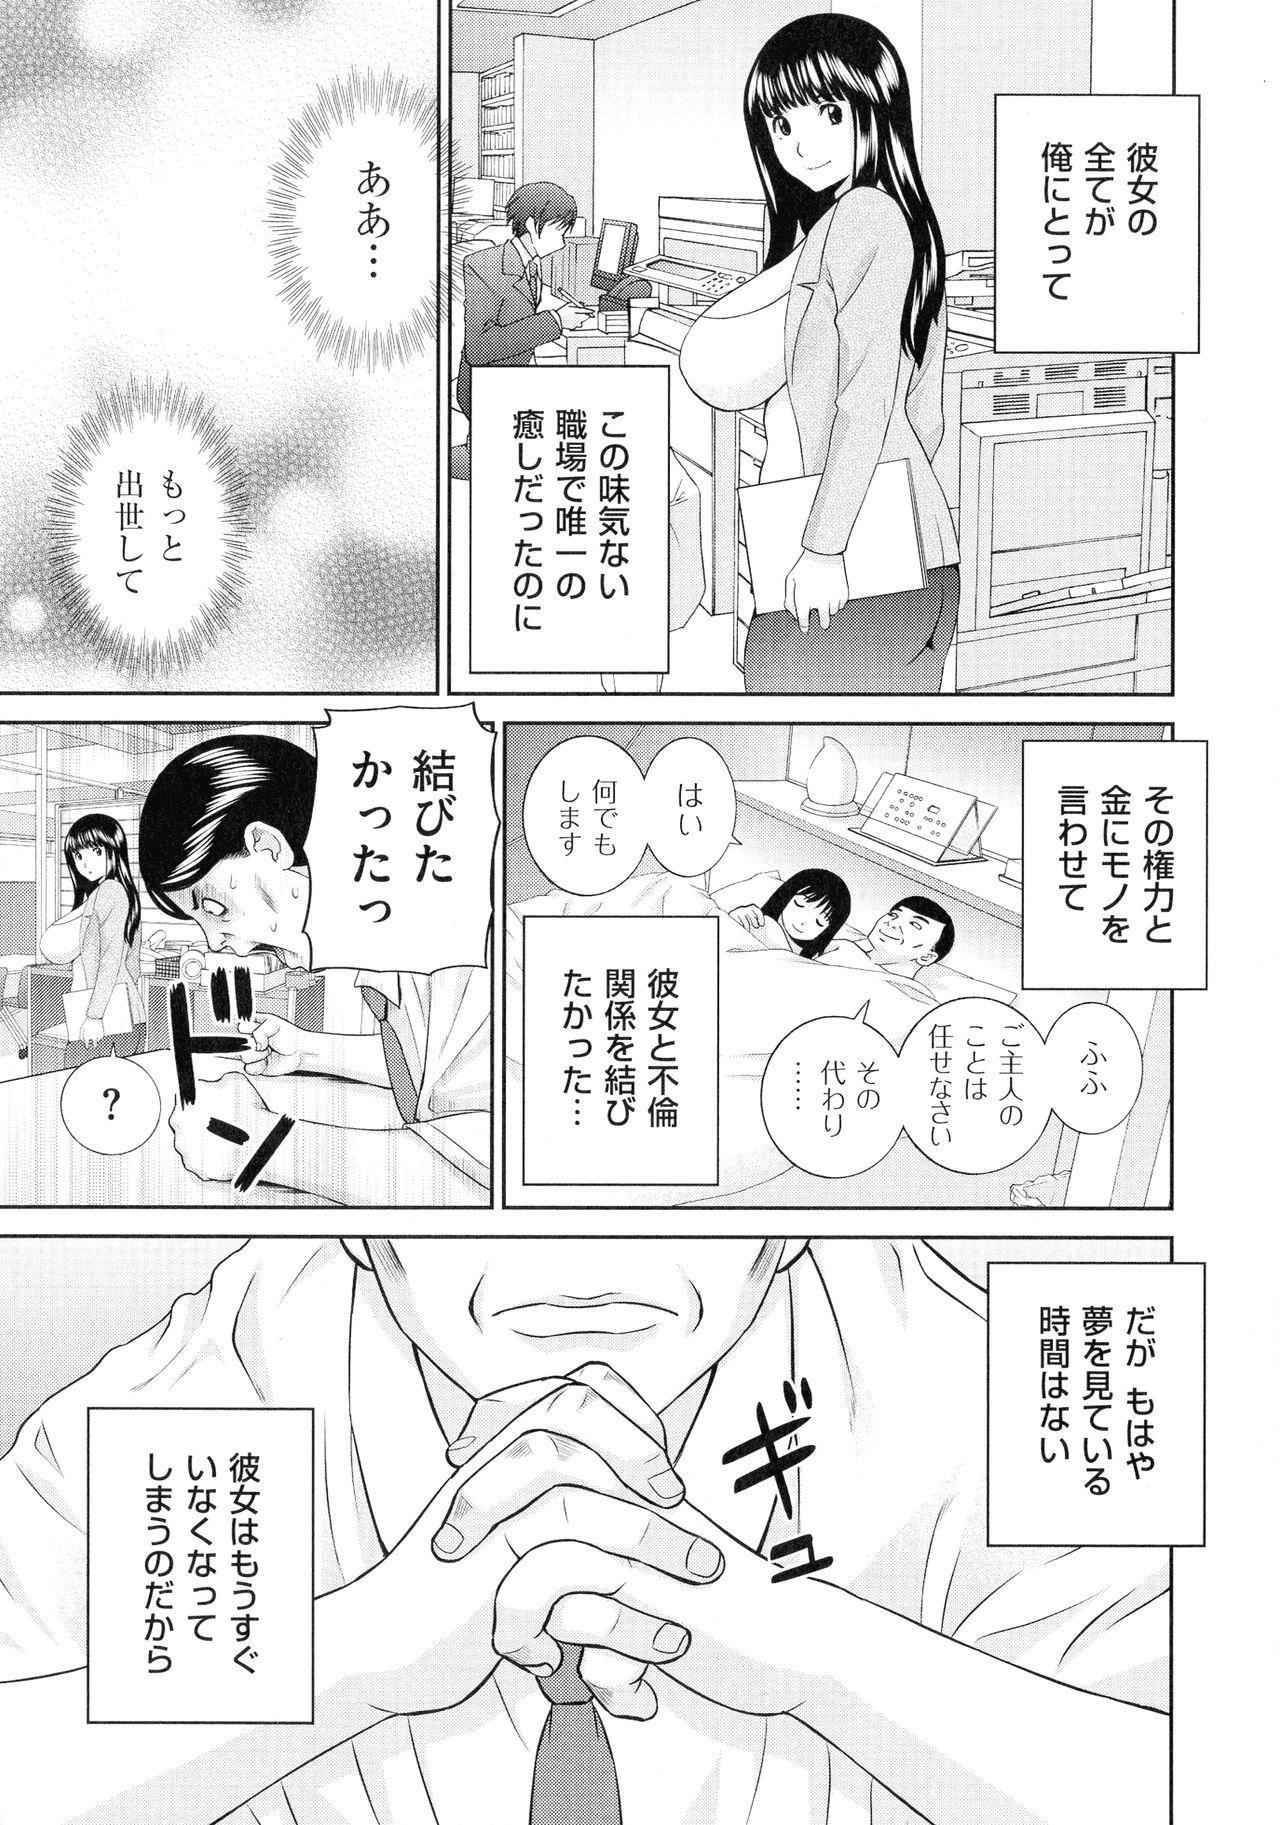 Tennen Torokeru Hatsujozuma 169